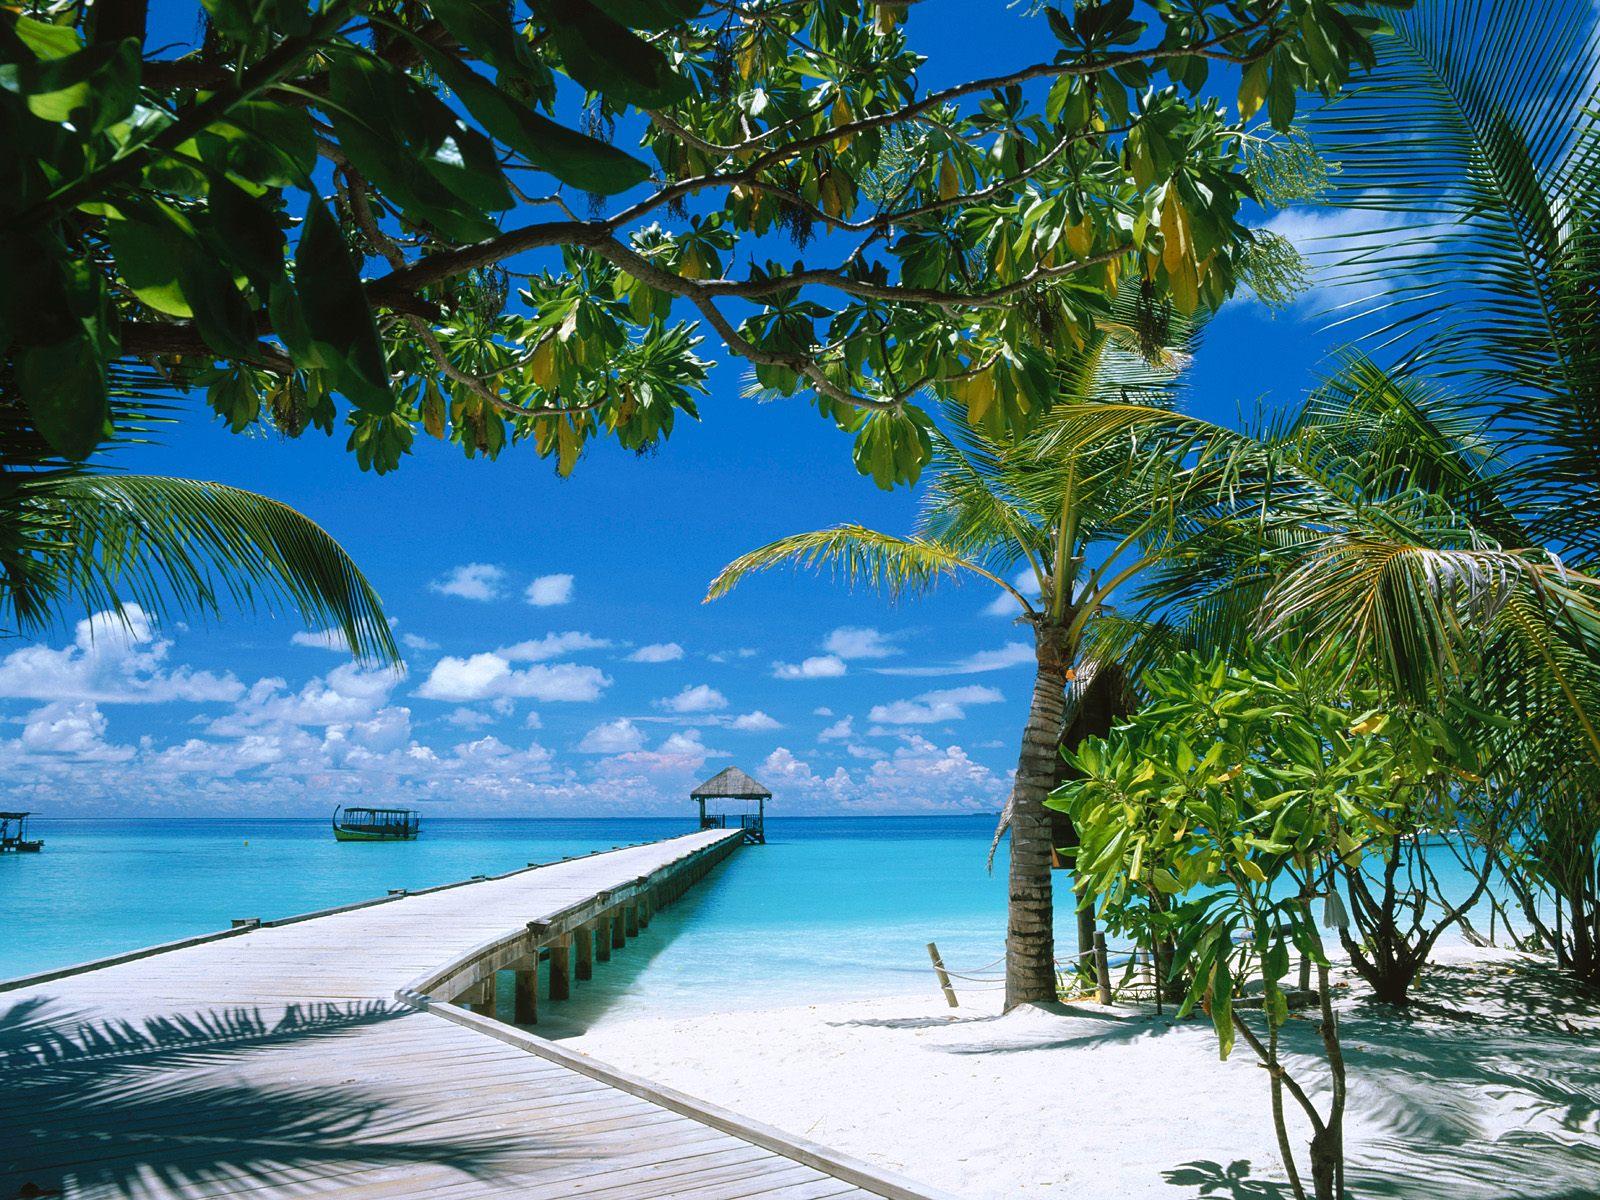 Hd Beach Wallpaper Nature Desktop 3d Spring Winter Tropical